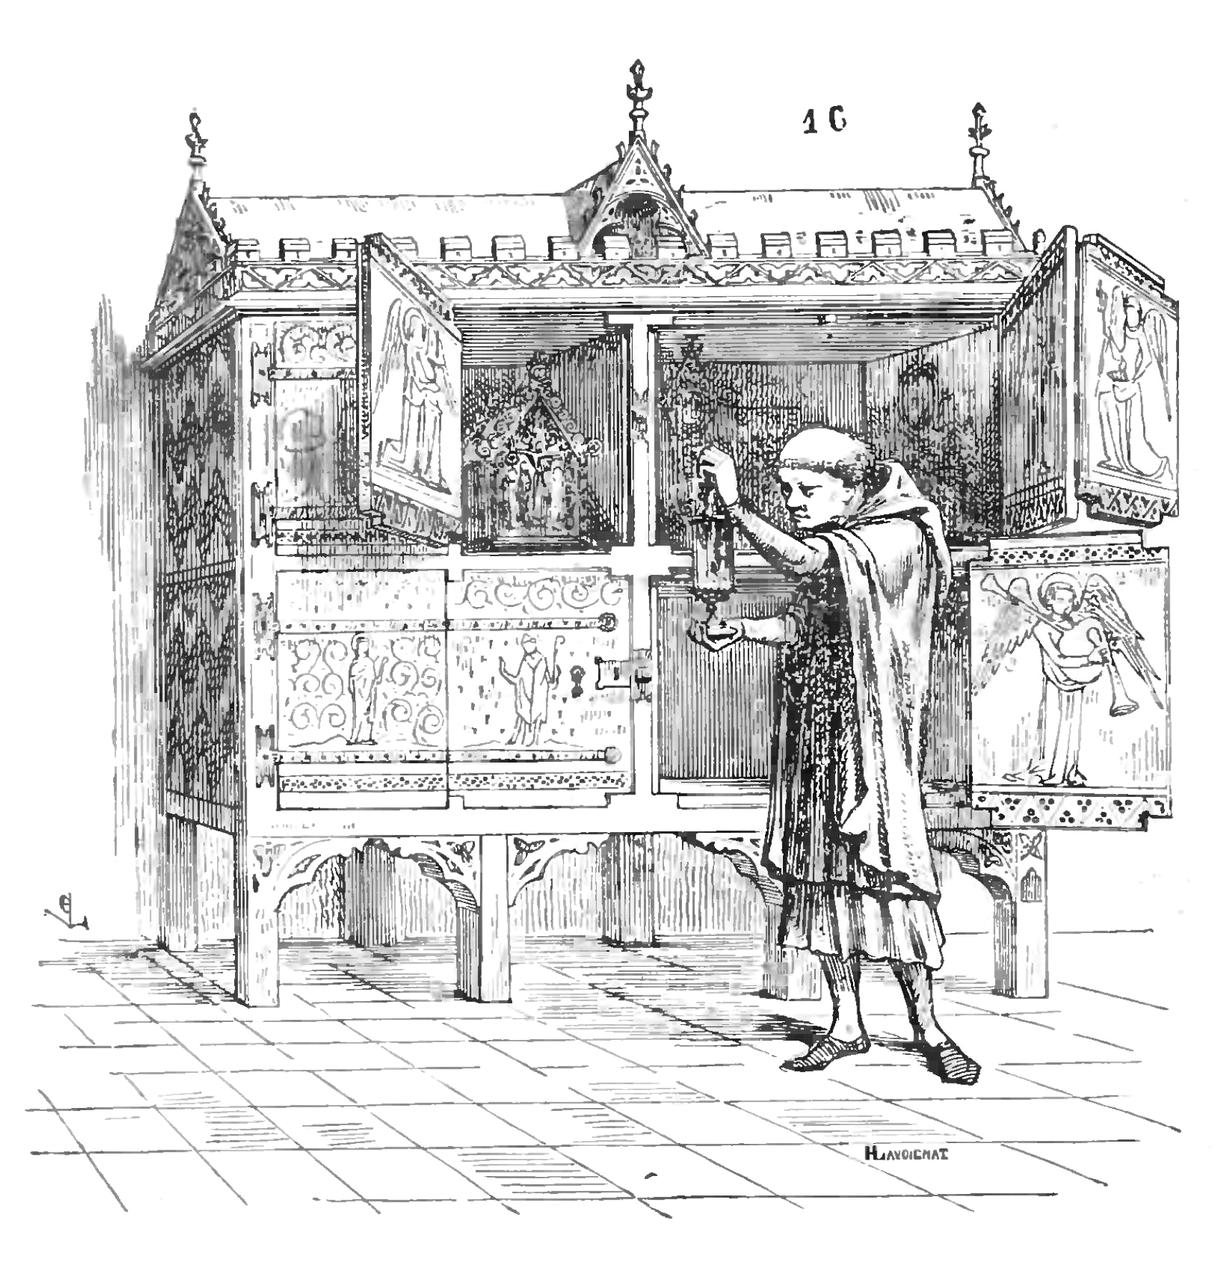 Kast Viollet-le-Duc